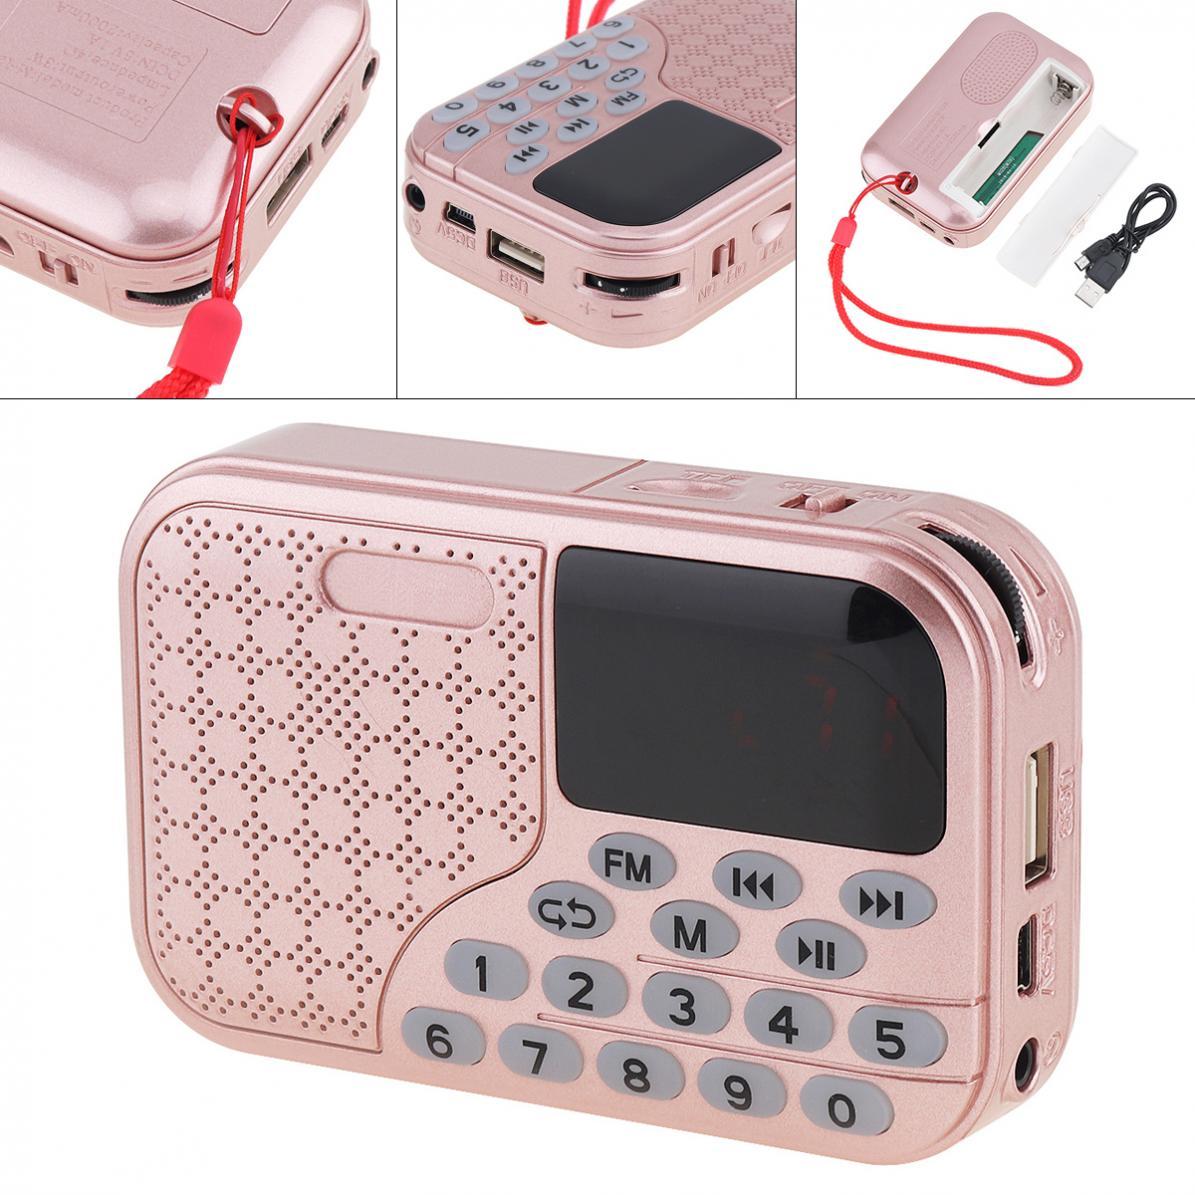 Radio Sanft E55 Tragbare Radio Mini Audio Karte Lautsprecher Fm Radio Mit 3,5mm Kopfhörer Jack Für Outdoor/home 100% Original